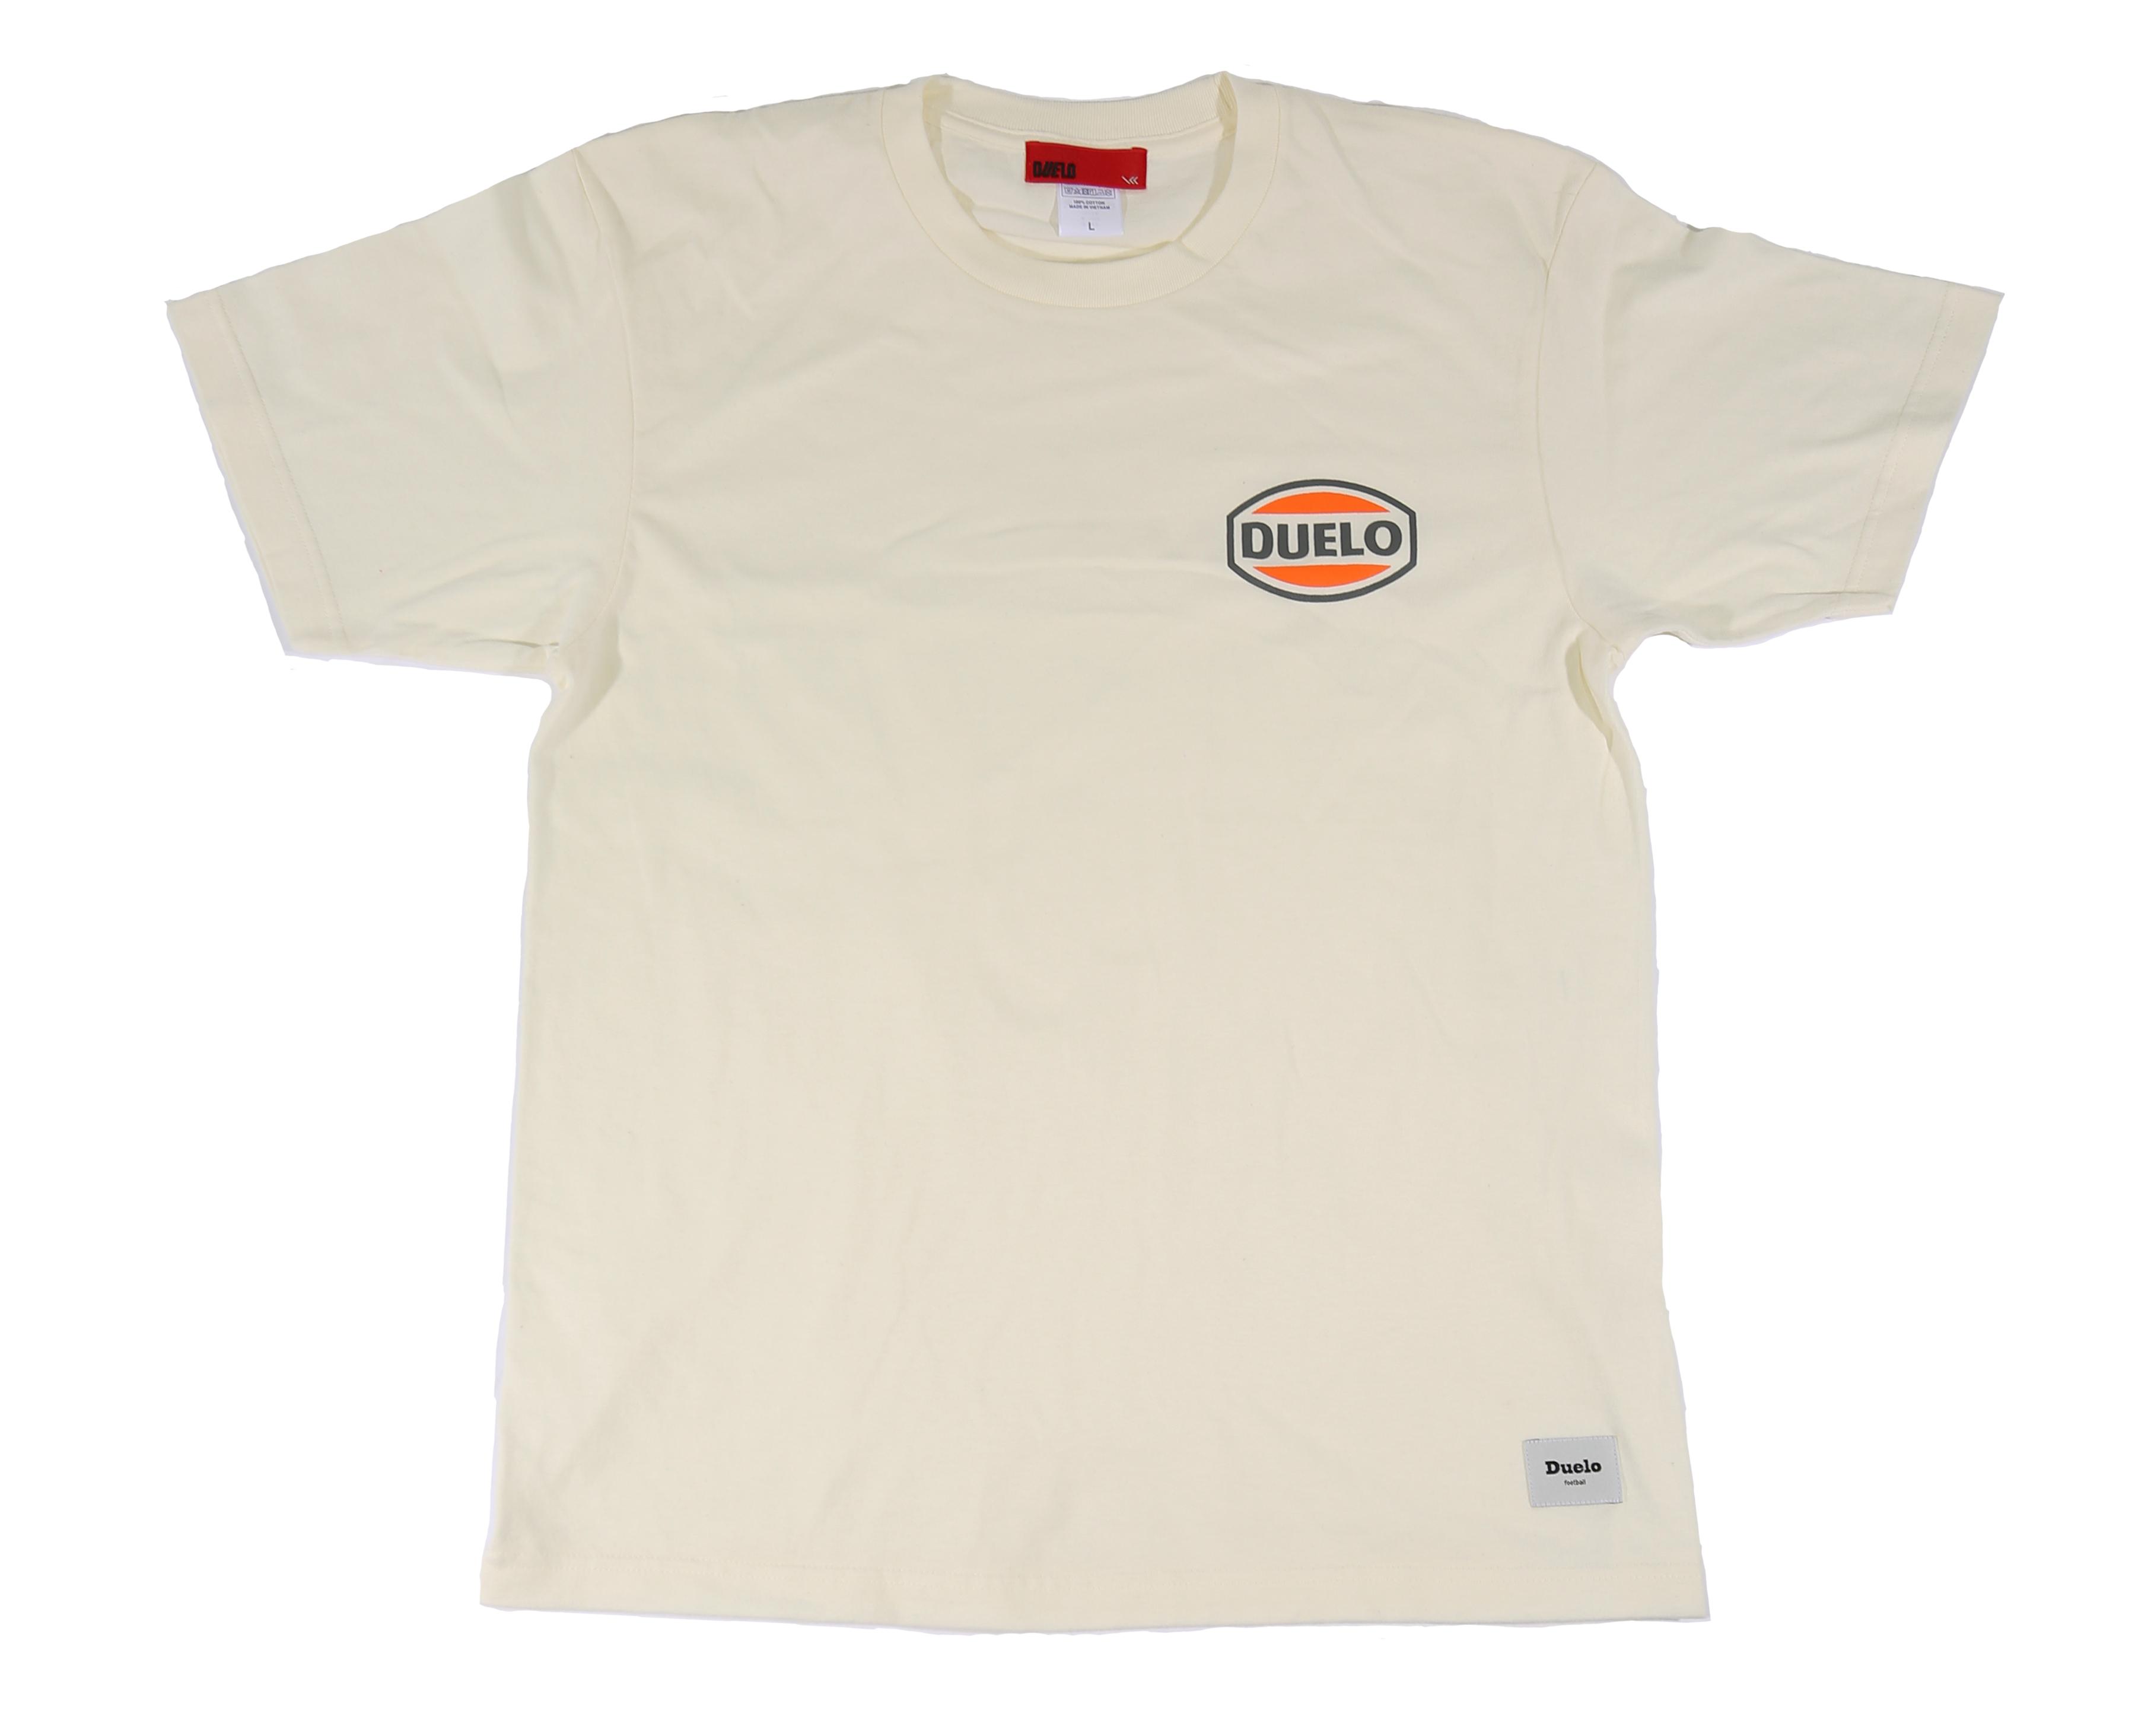 20015 S/S Tshirts I VORY